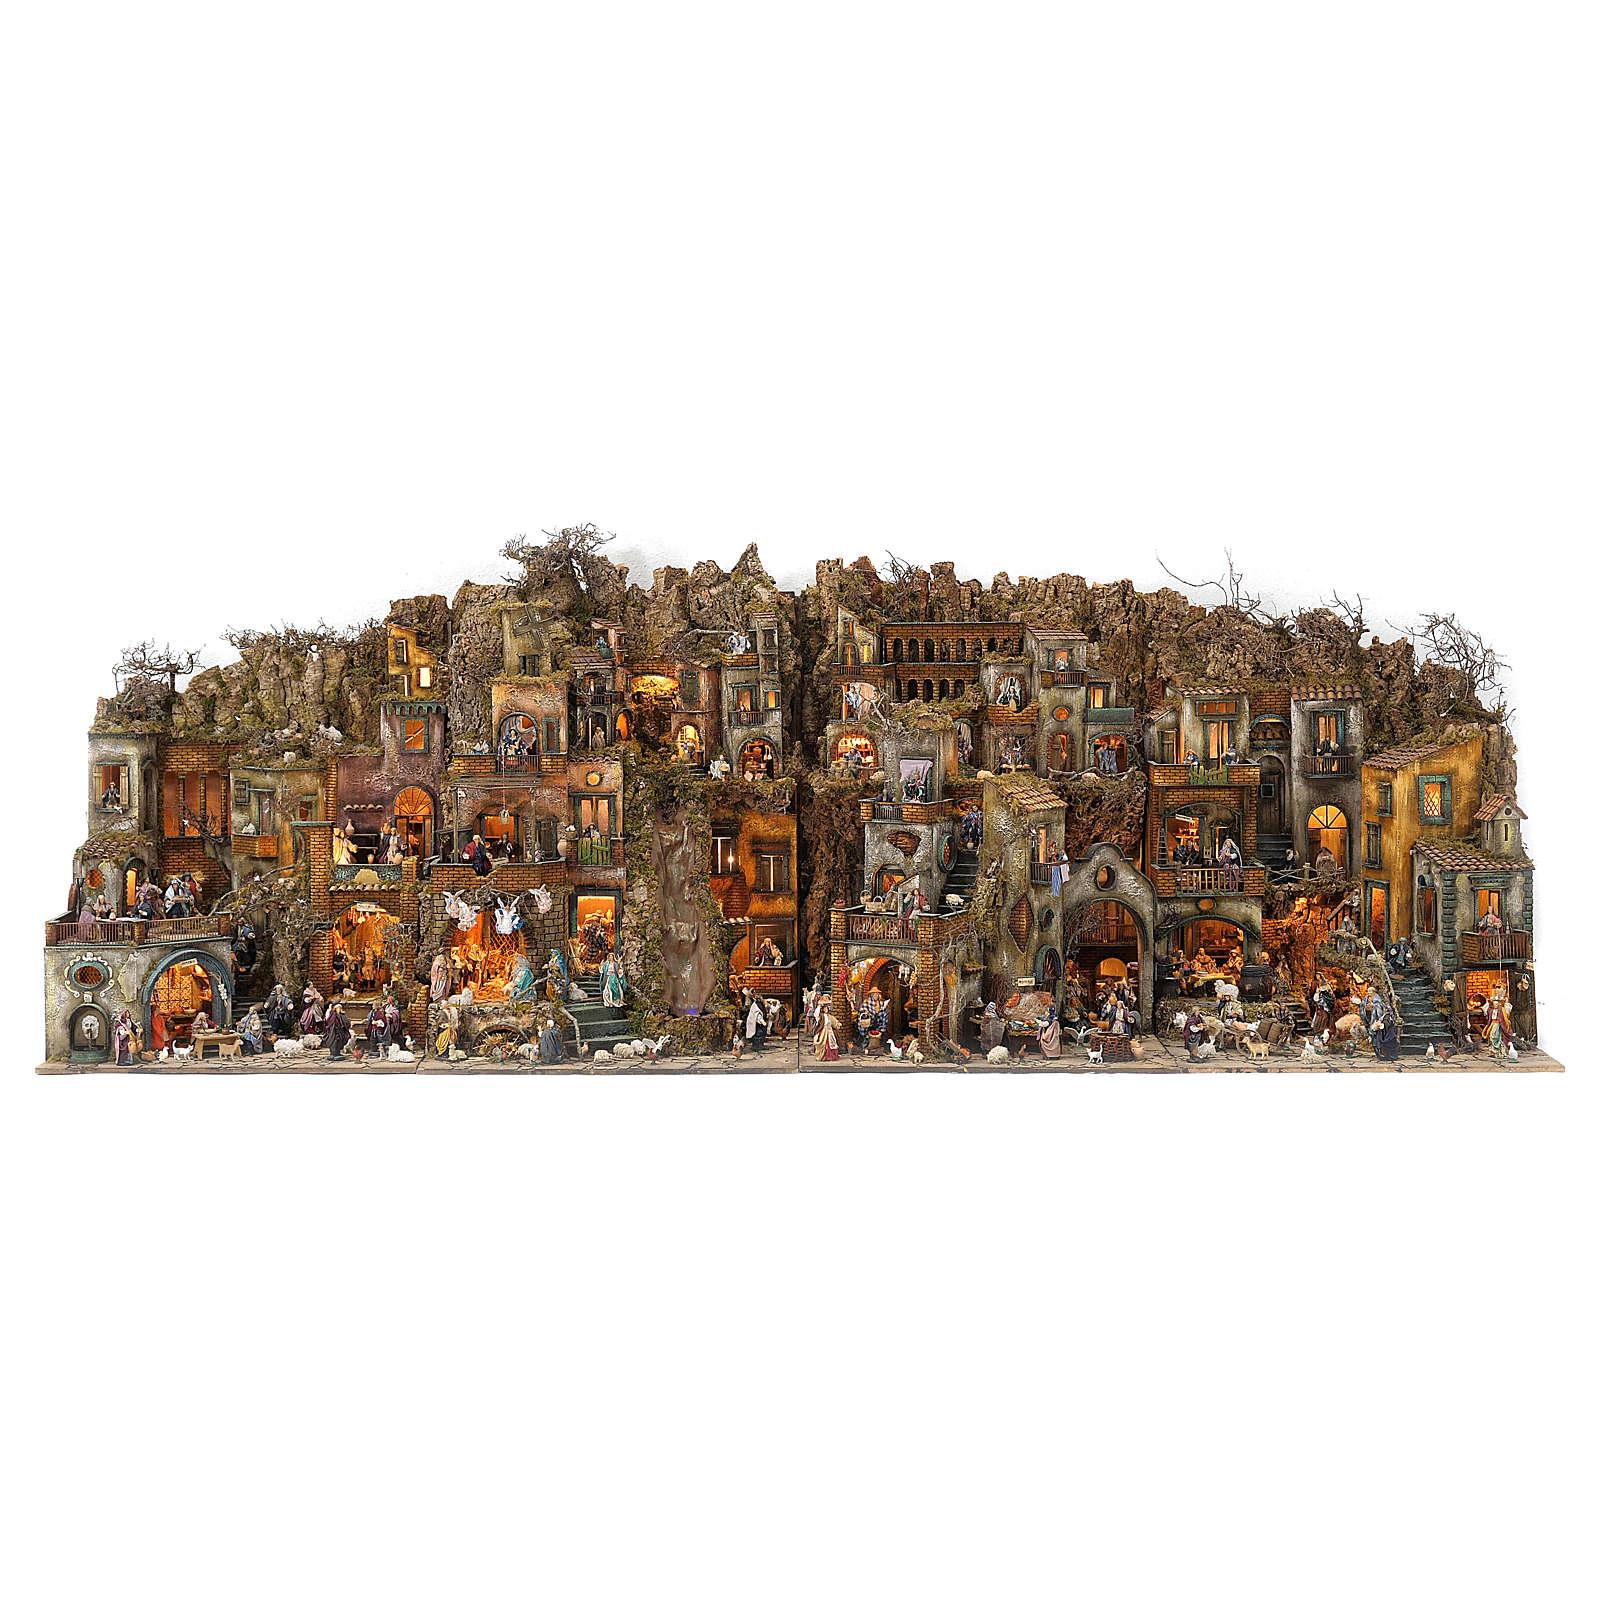 Komplett Krippe 4Teilen 120x400x100cm 125 Figuren 14cm 20 Bewegungen 4